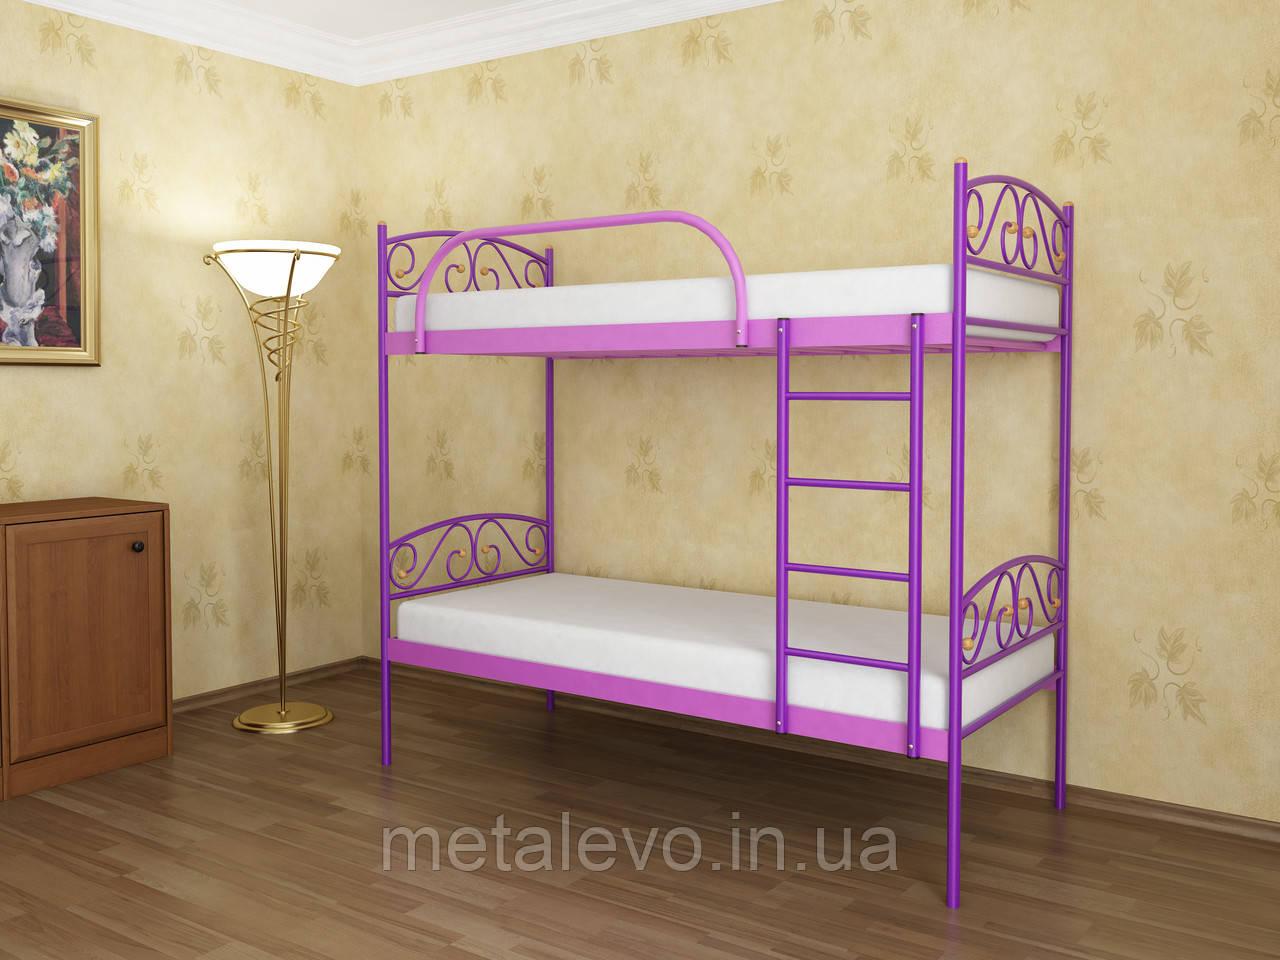 Двухъярусная металлическая кровать ВЕРОНА ДУО (VERONA DUO)  ТМ Метакам